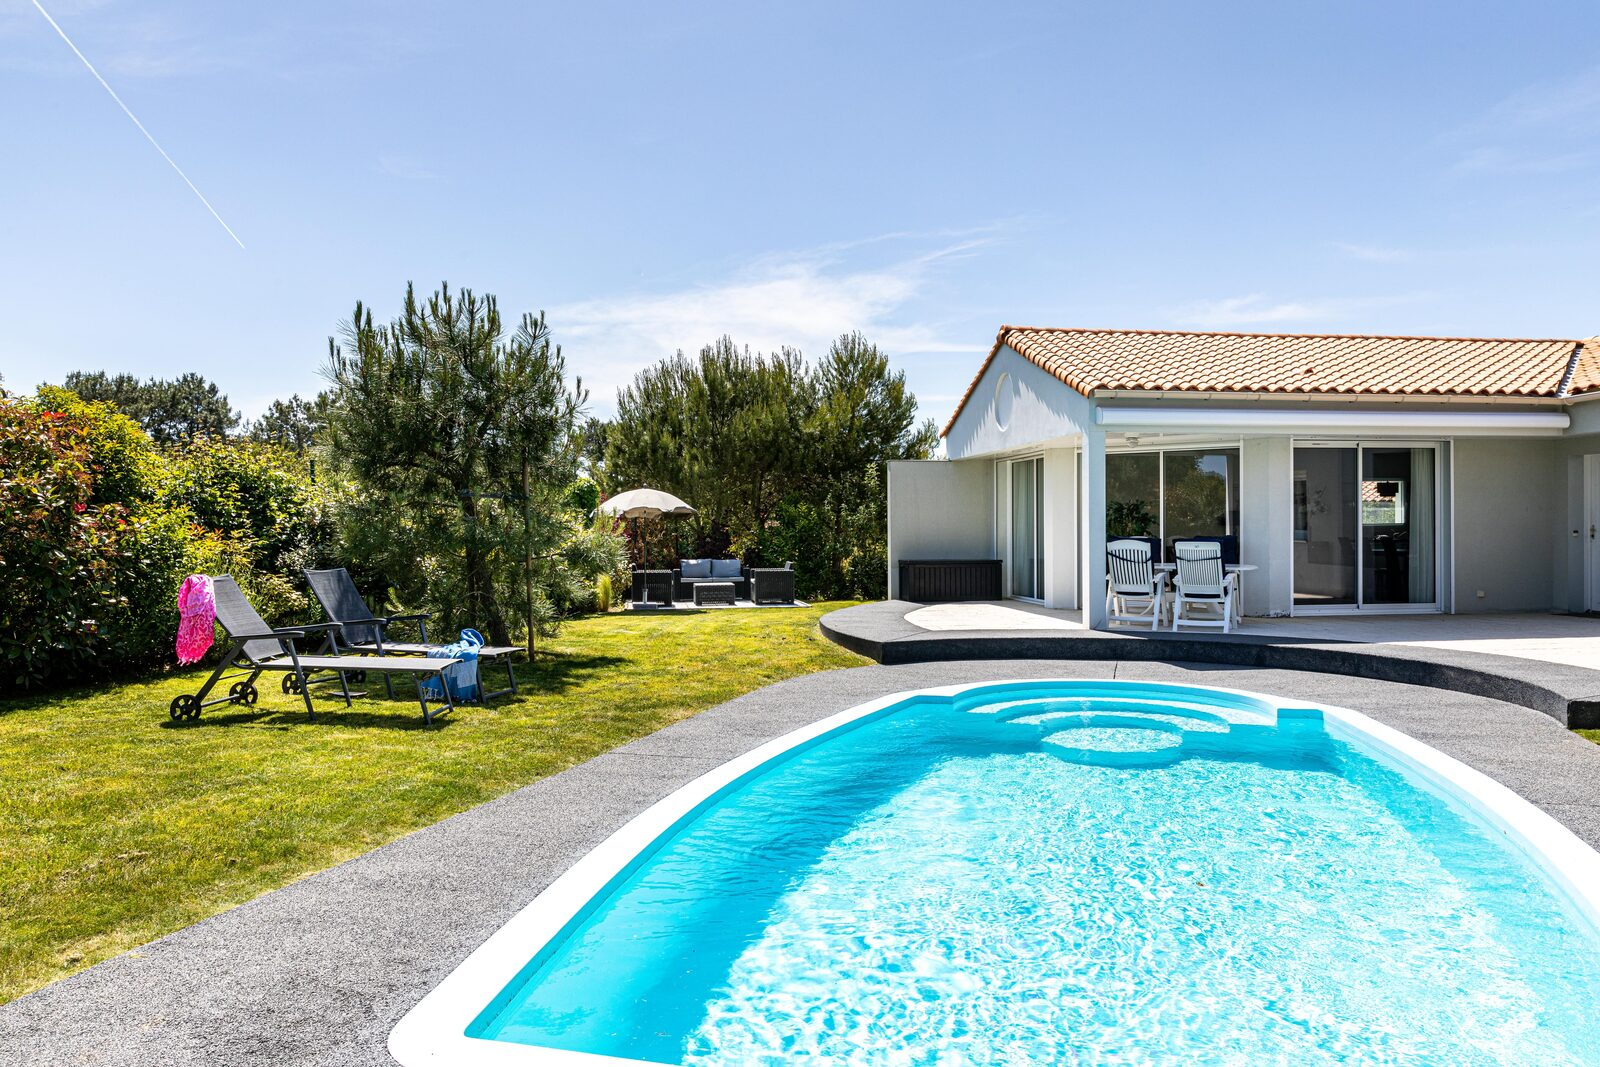 Oasis Parcs Les Jardins Des Sables d'Olonne | Maisons de vacances sur la côte Atlantique